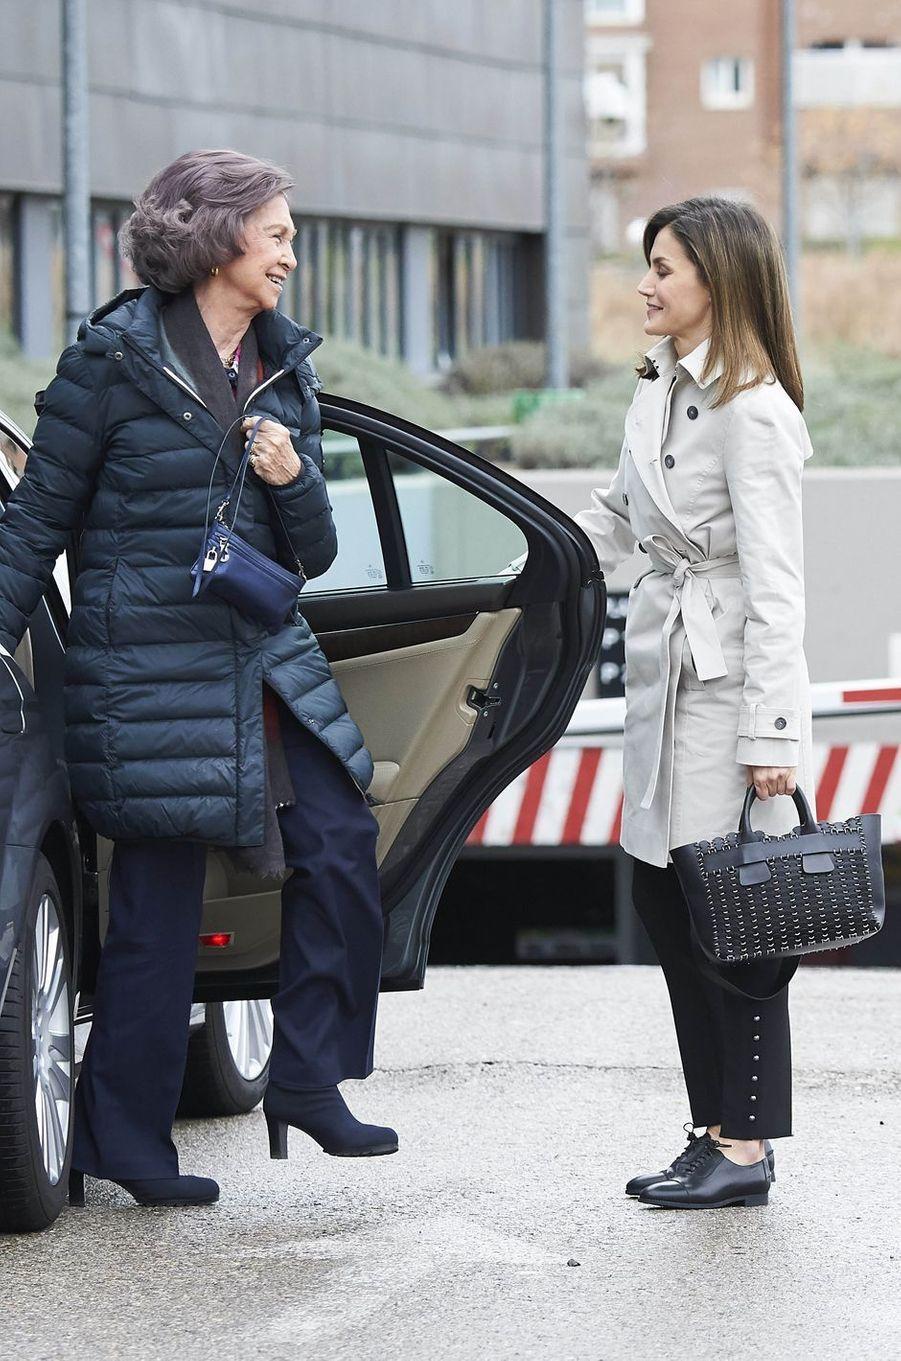 La reine Letizia d'Espagne et l'ex-reine Sofia, sa belle-mère, à Madrid le 7 avril 2018